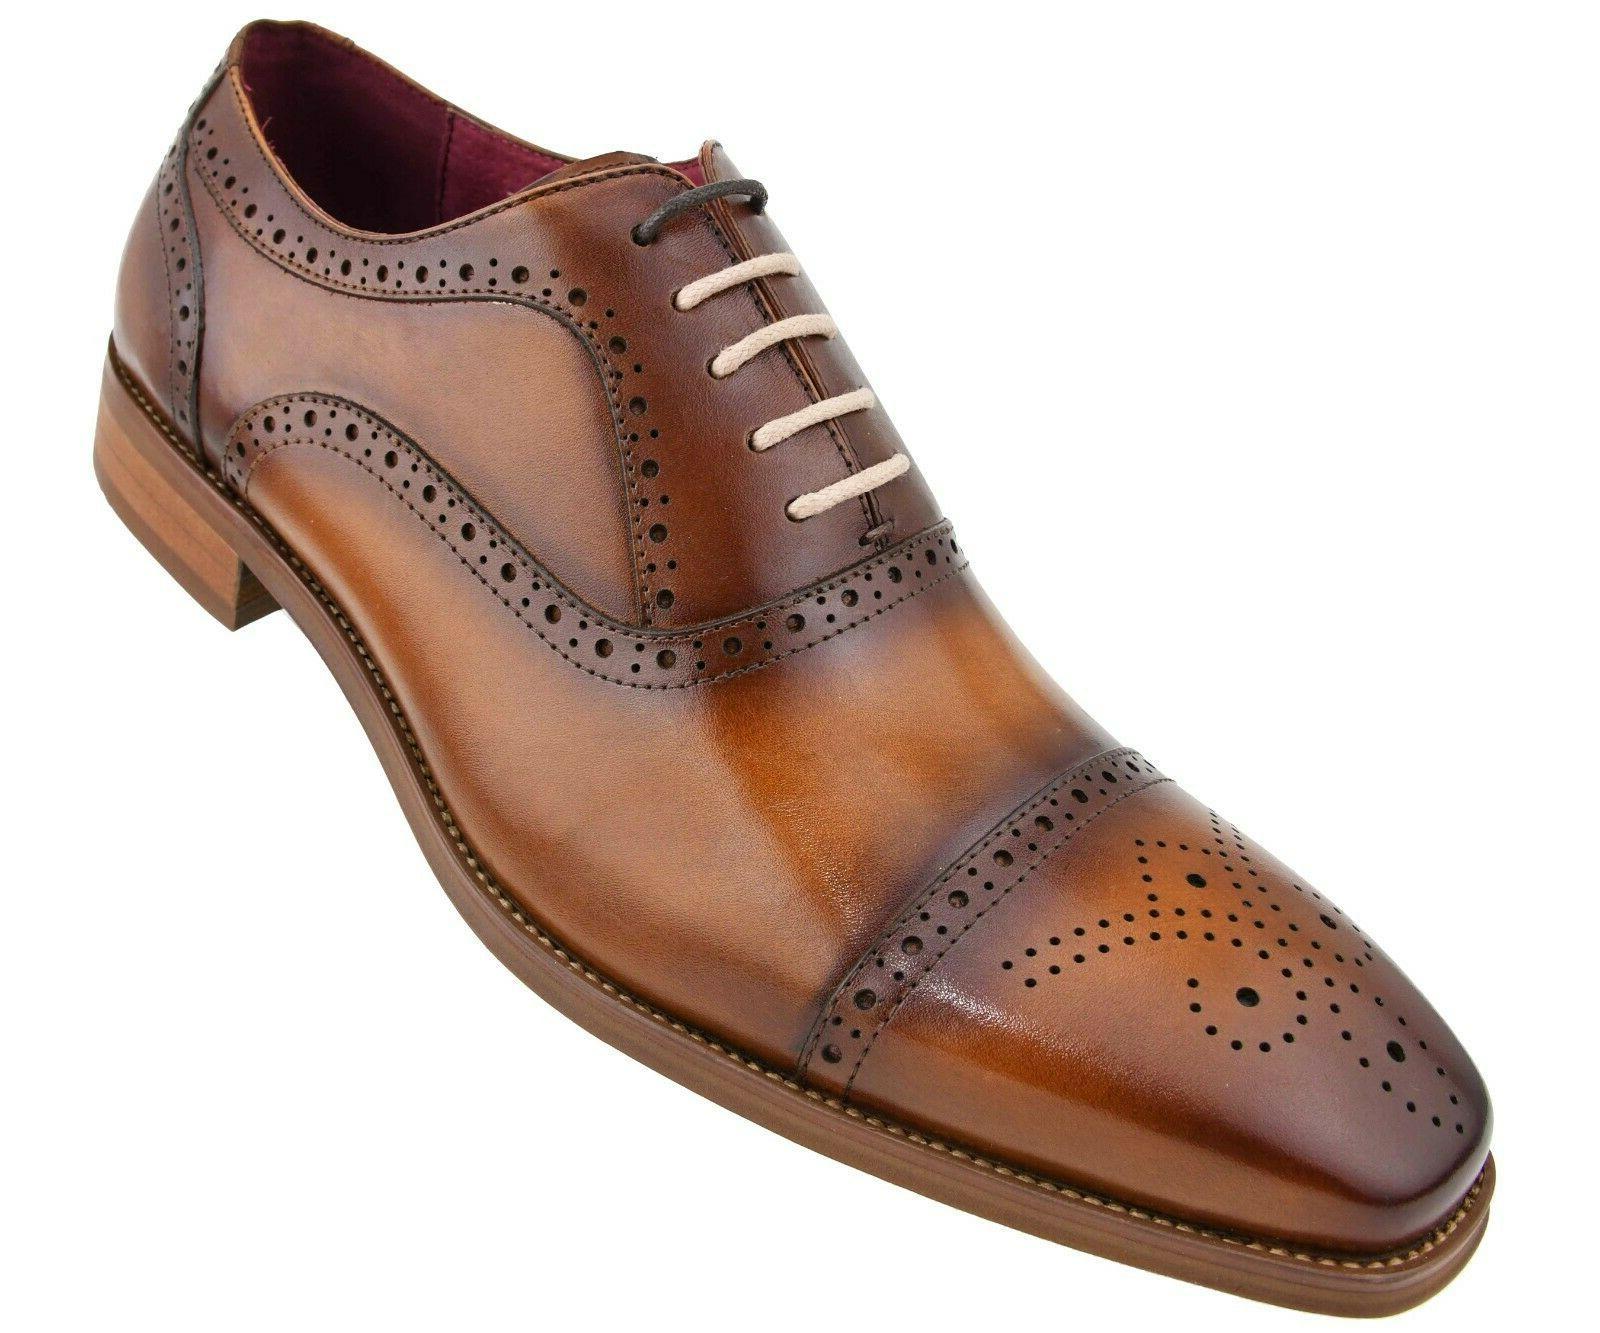 Men's Genuine Leather Cap Toe Oxfords, Dress Shoes